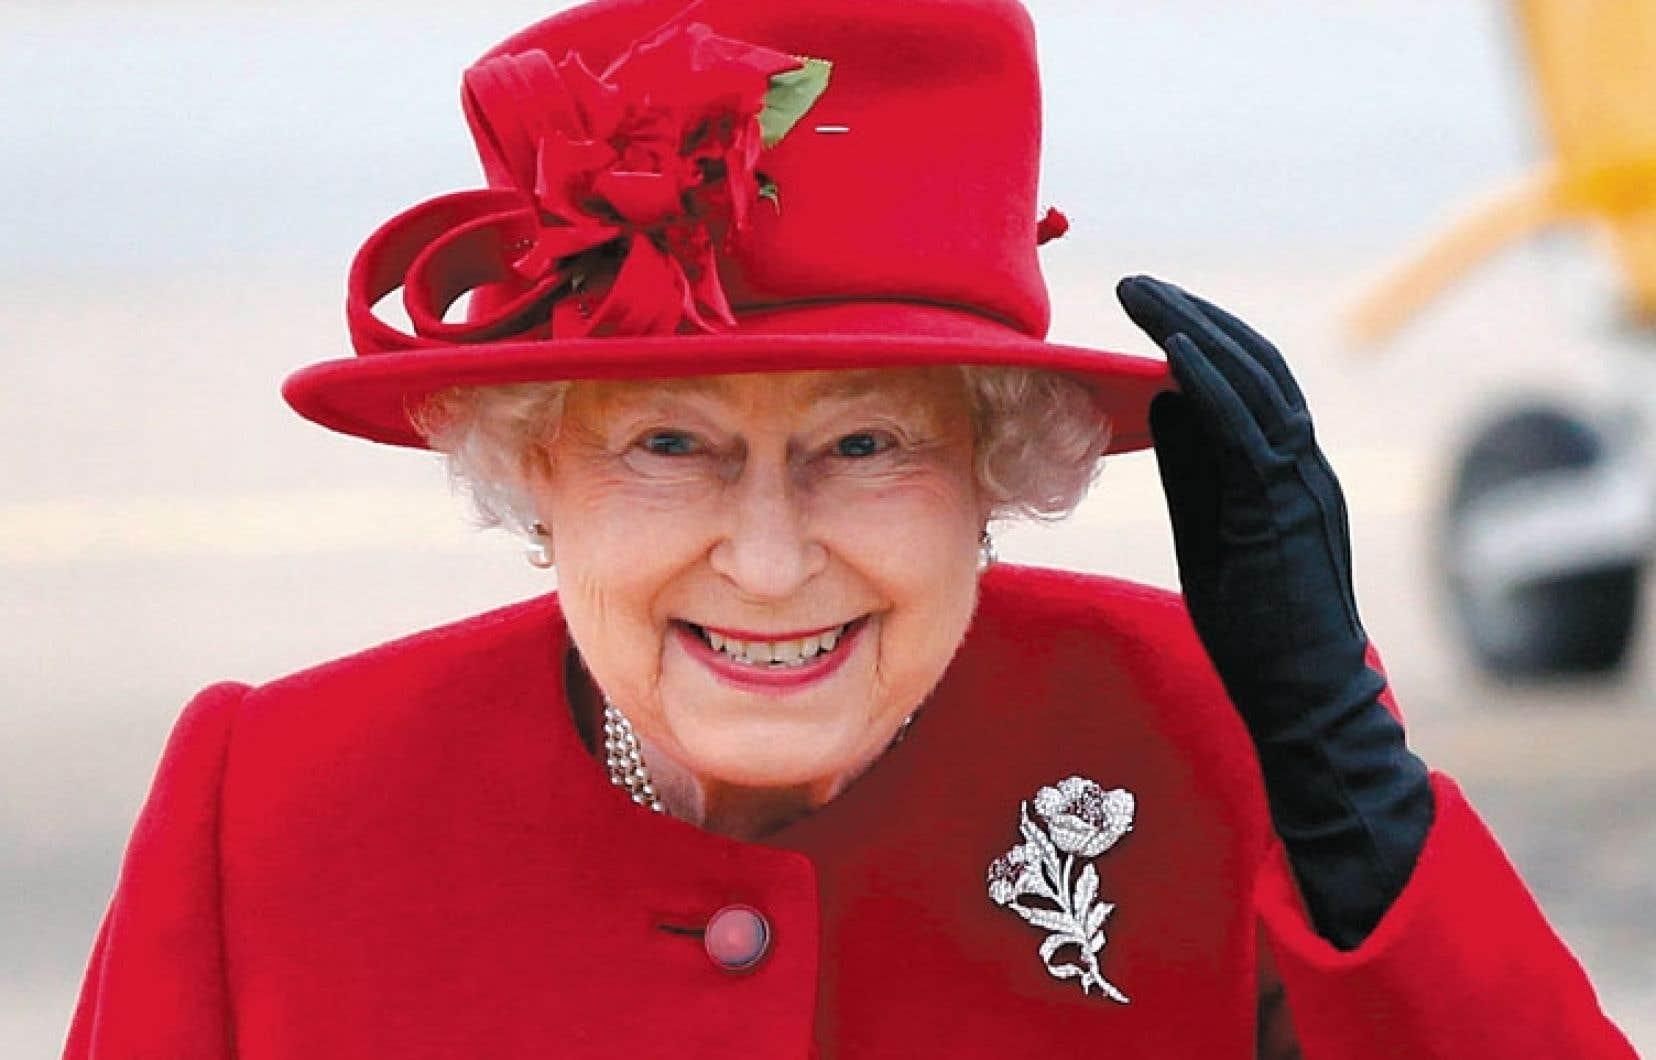 Londres s'est engagé dans un processus de modification des règles de succession au trône britannique afin d'éliminer la discrimination qui pénalisait les filles. Si Elizabeth II a pu y accéder, c'est parce qu'elle n'avait pas de frère.